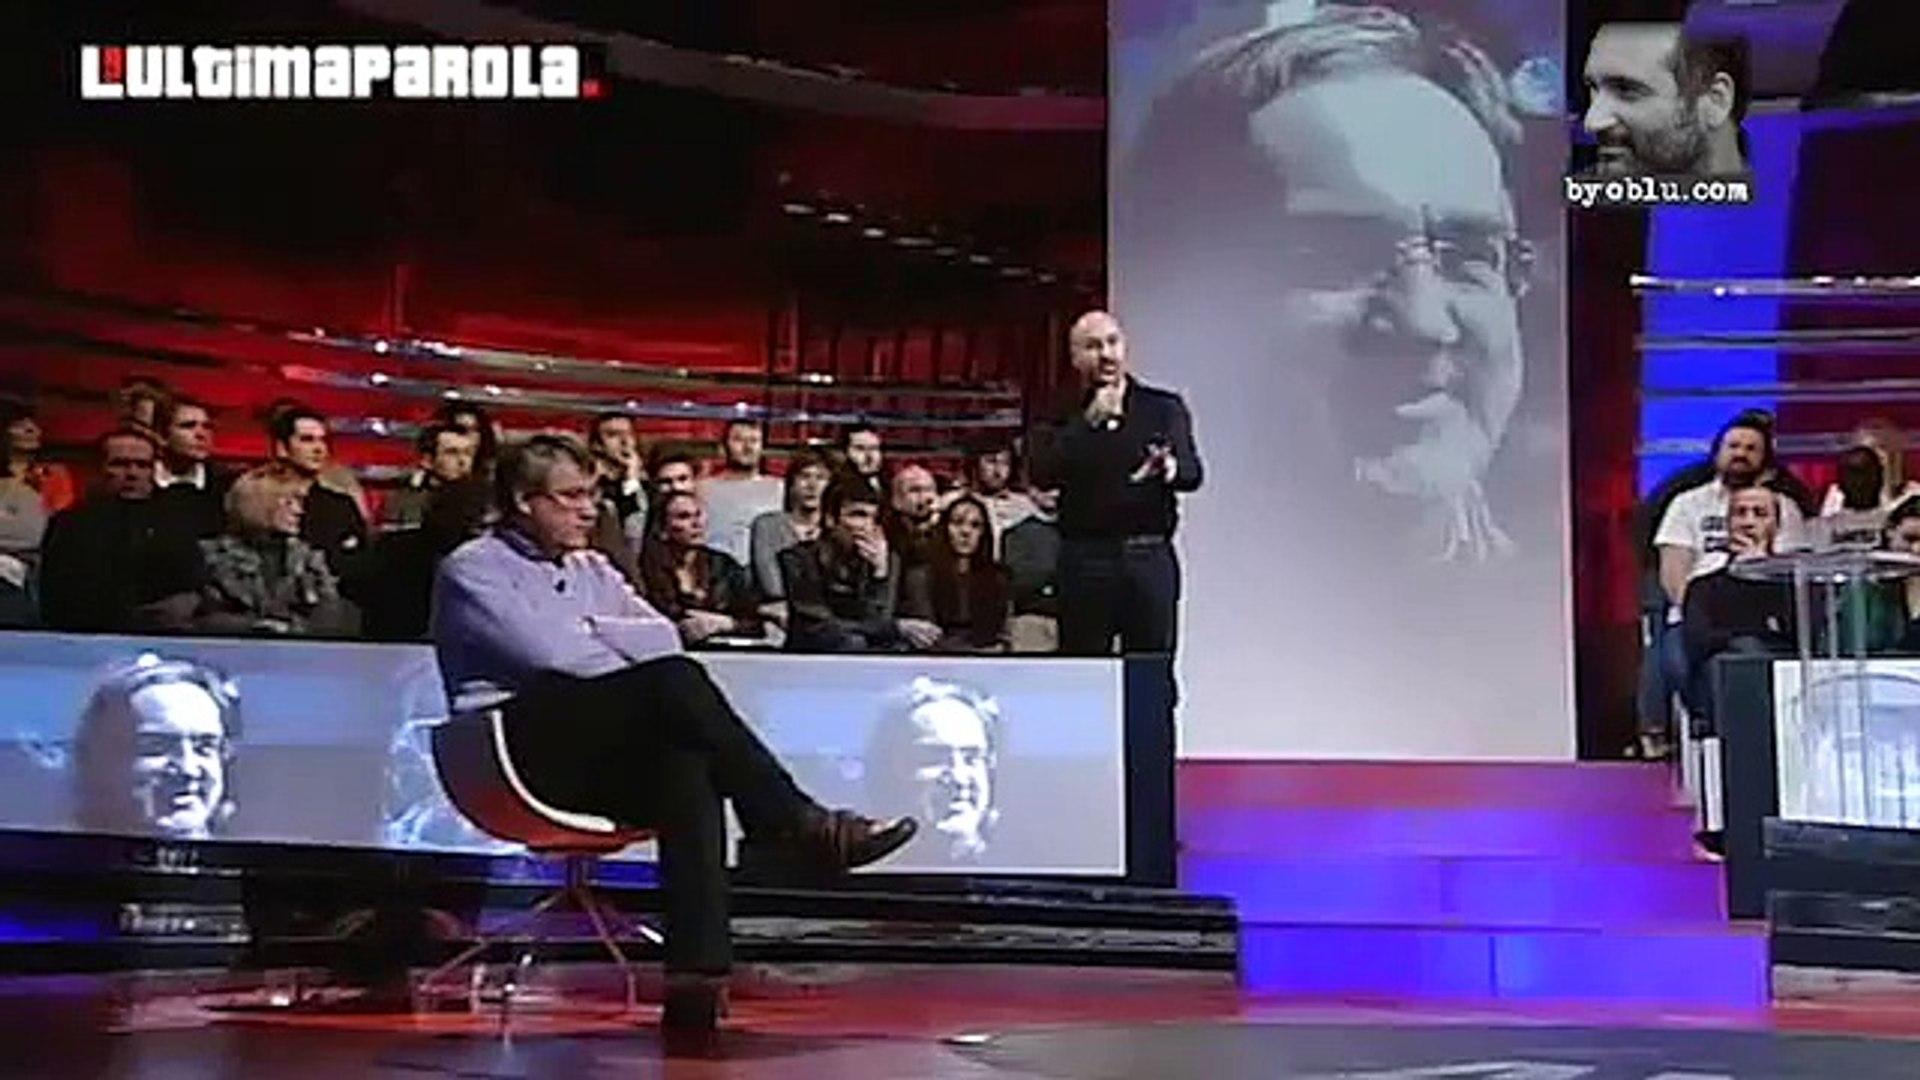 L'Ultima Parola - Byoblu sugli Stati Uniti d'Europa